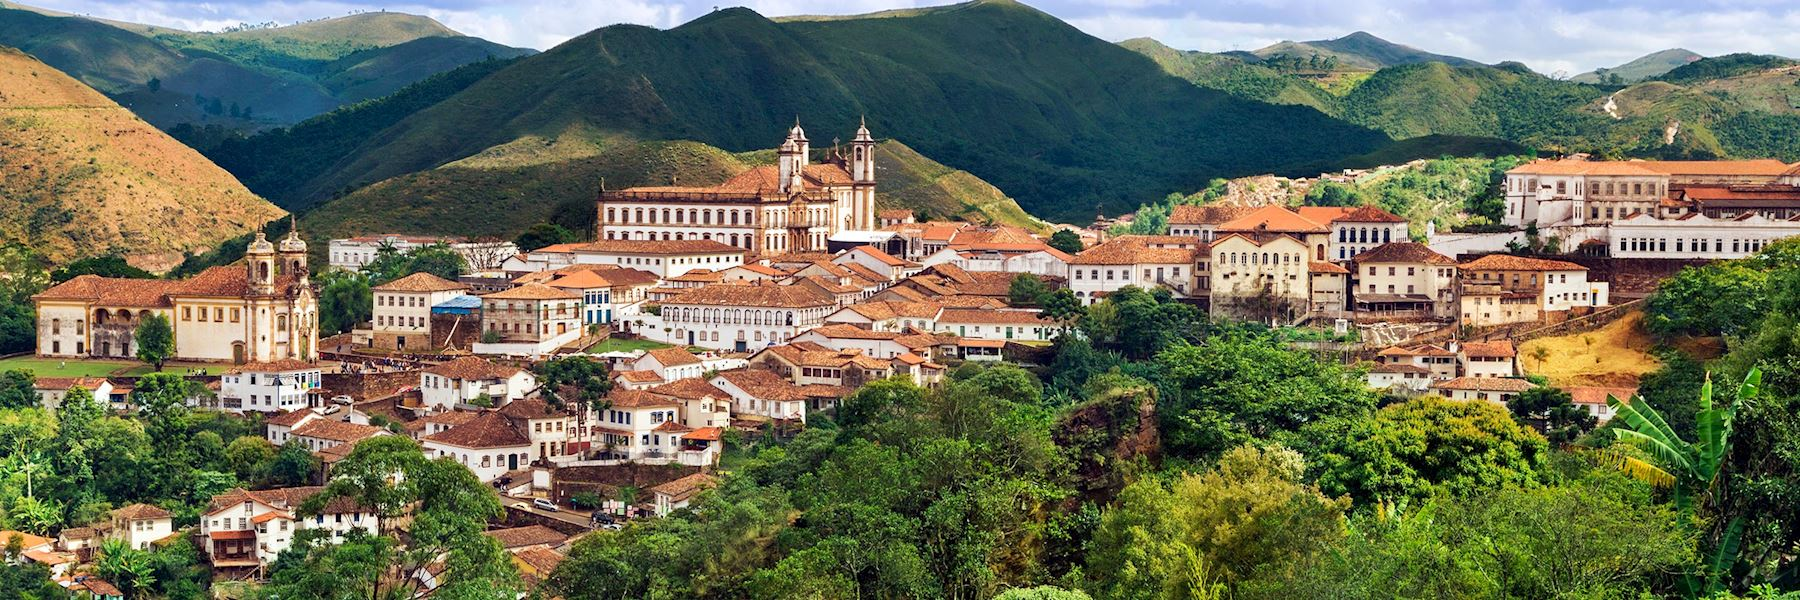 Visit Ouro Preto, Brazil